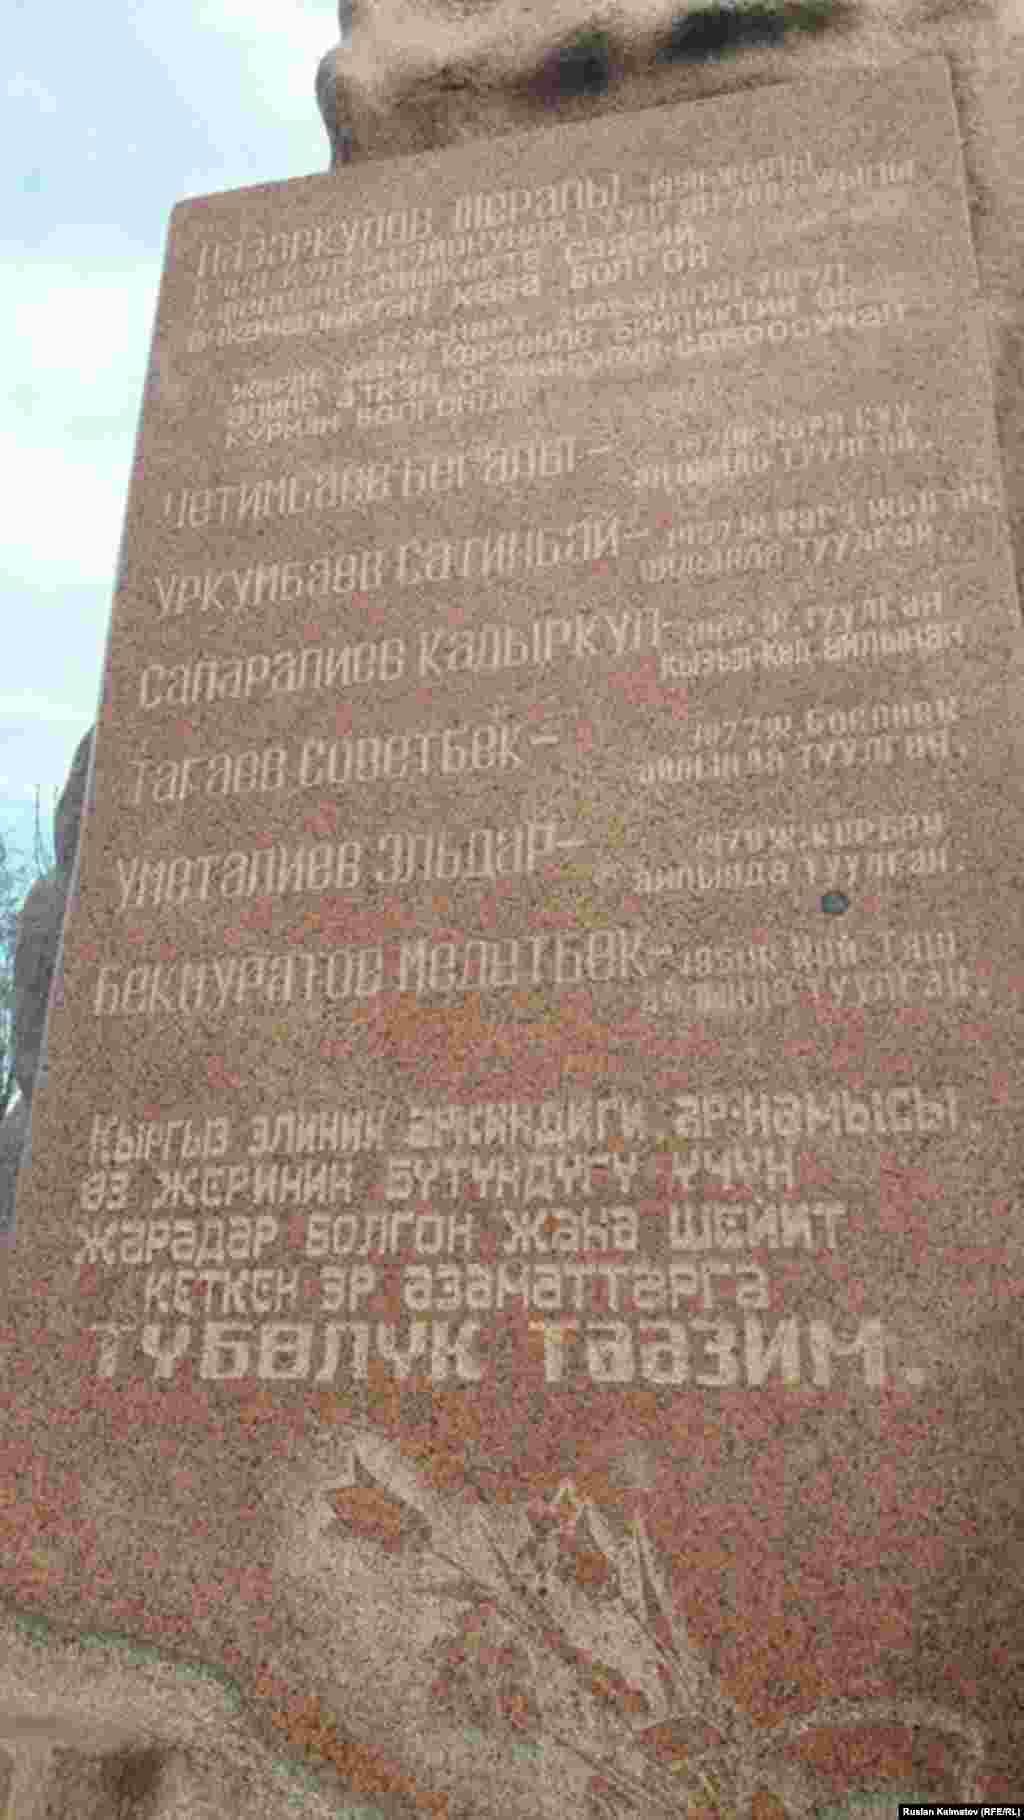 17 марта 2002 года люди вышли на пеший марш с требованием выпустить из-под стражи депутата Азимбека Бекназарова. В местечке Боcпиек Аксыйского района произошло столкновение милиции с жителями. Милиционеры открыли огонь.